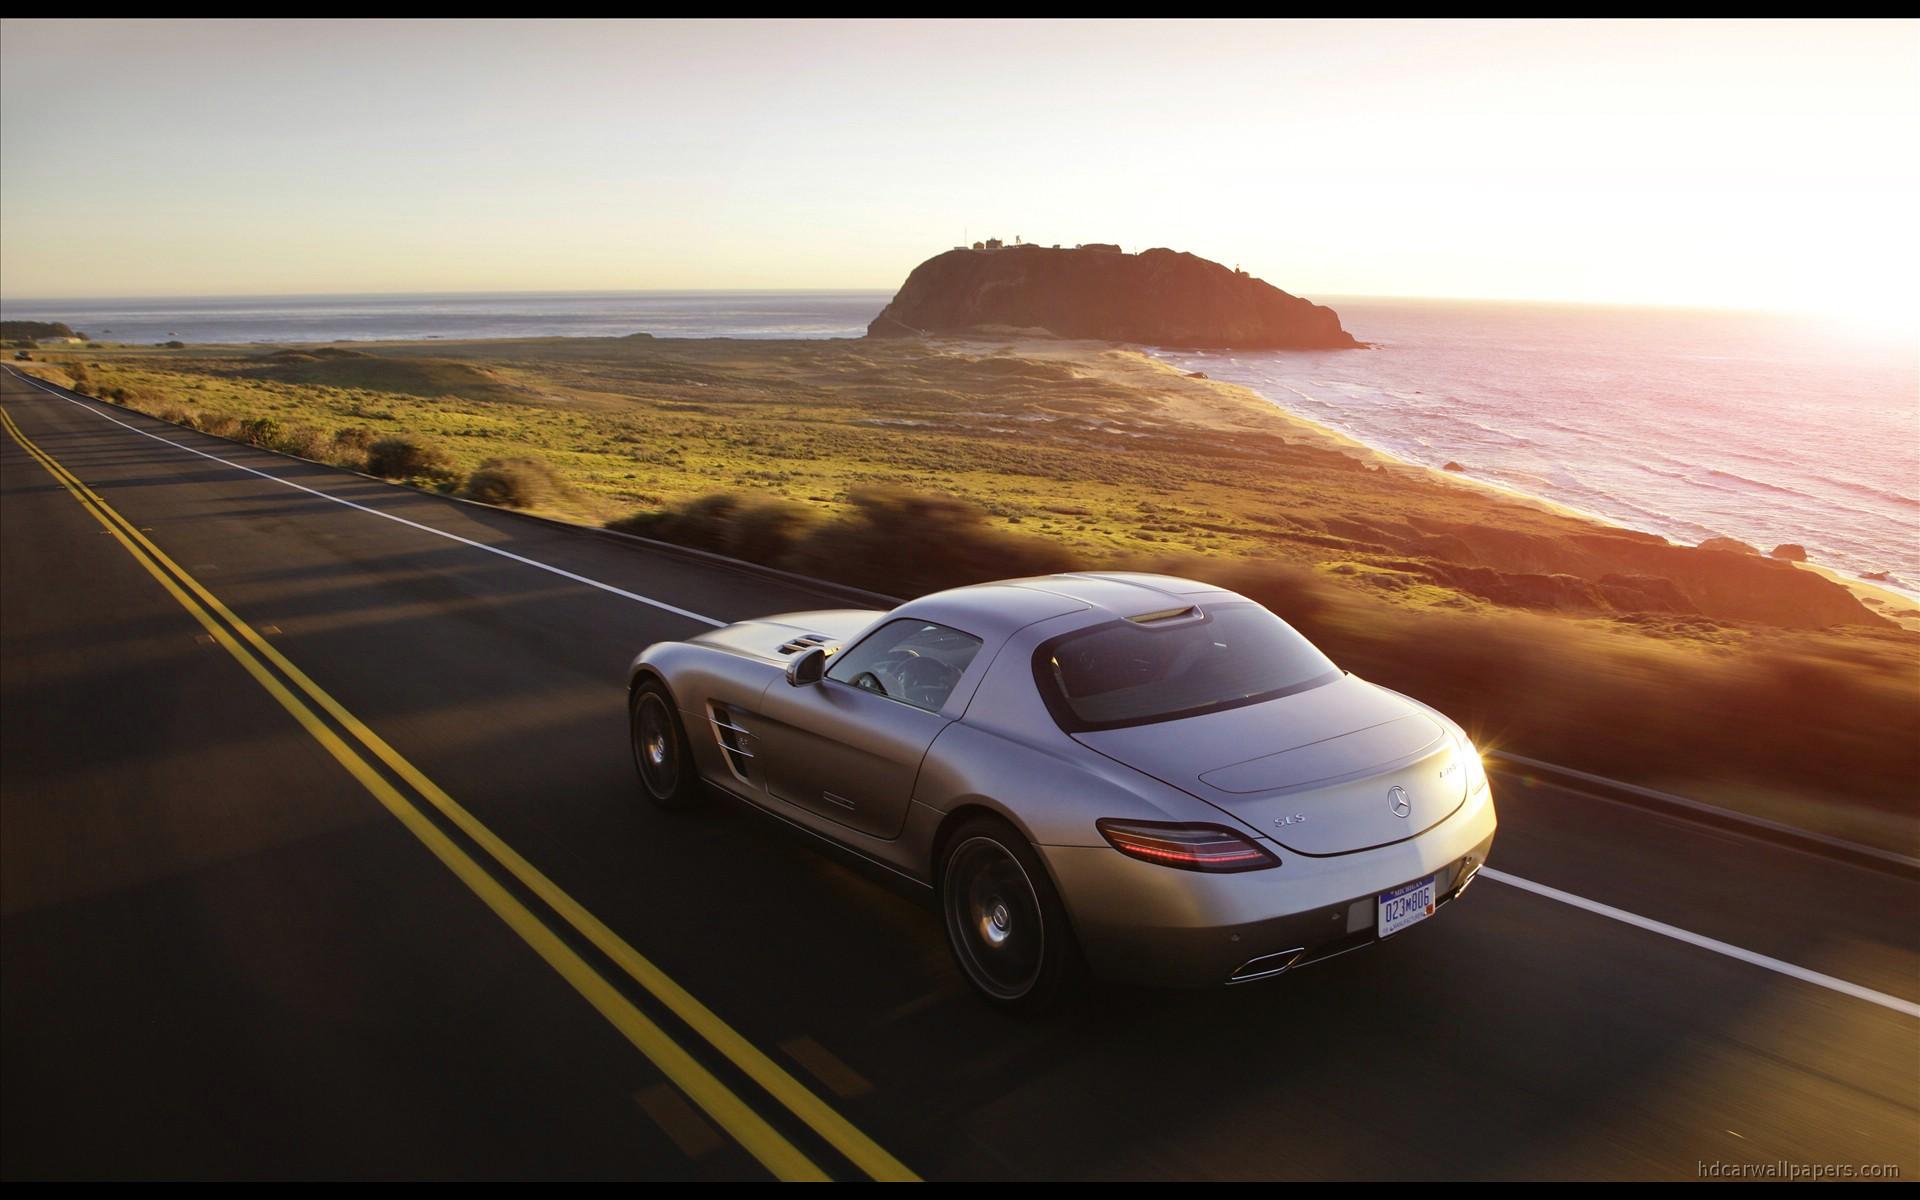 2011 Mercedes Benz SLS AMG 9 Wallpaper | HD Car Wallpapers ...